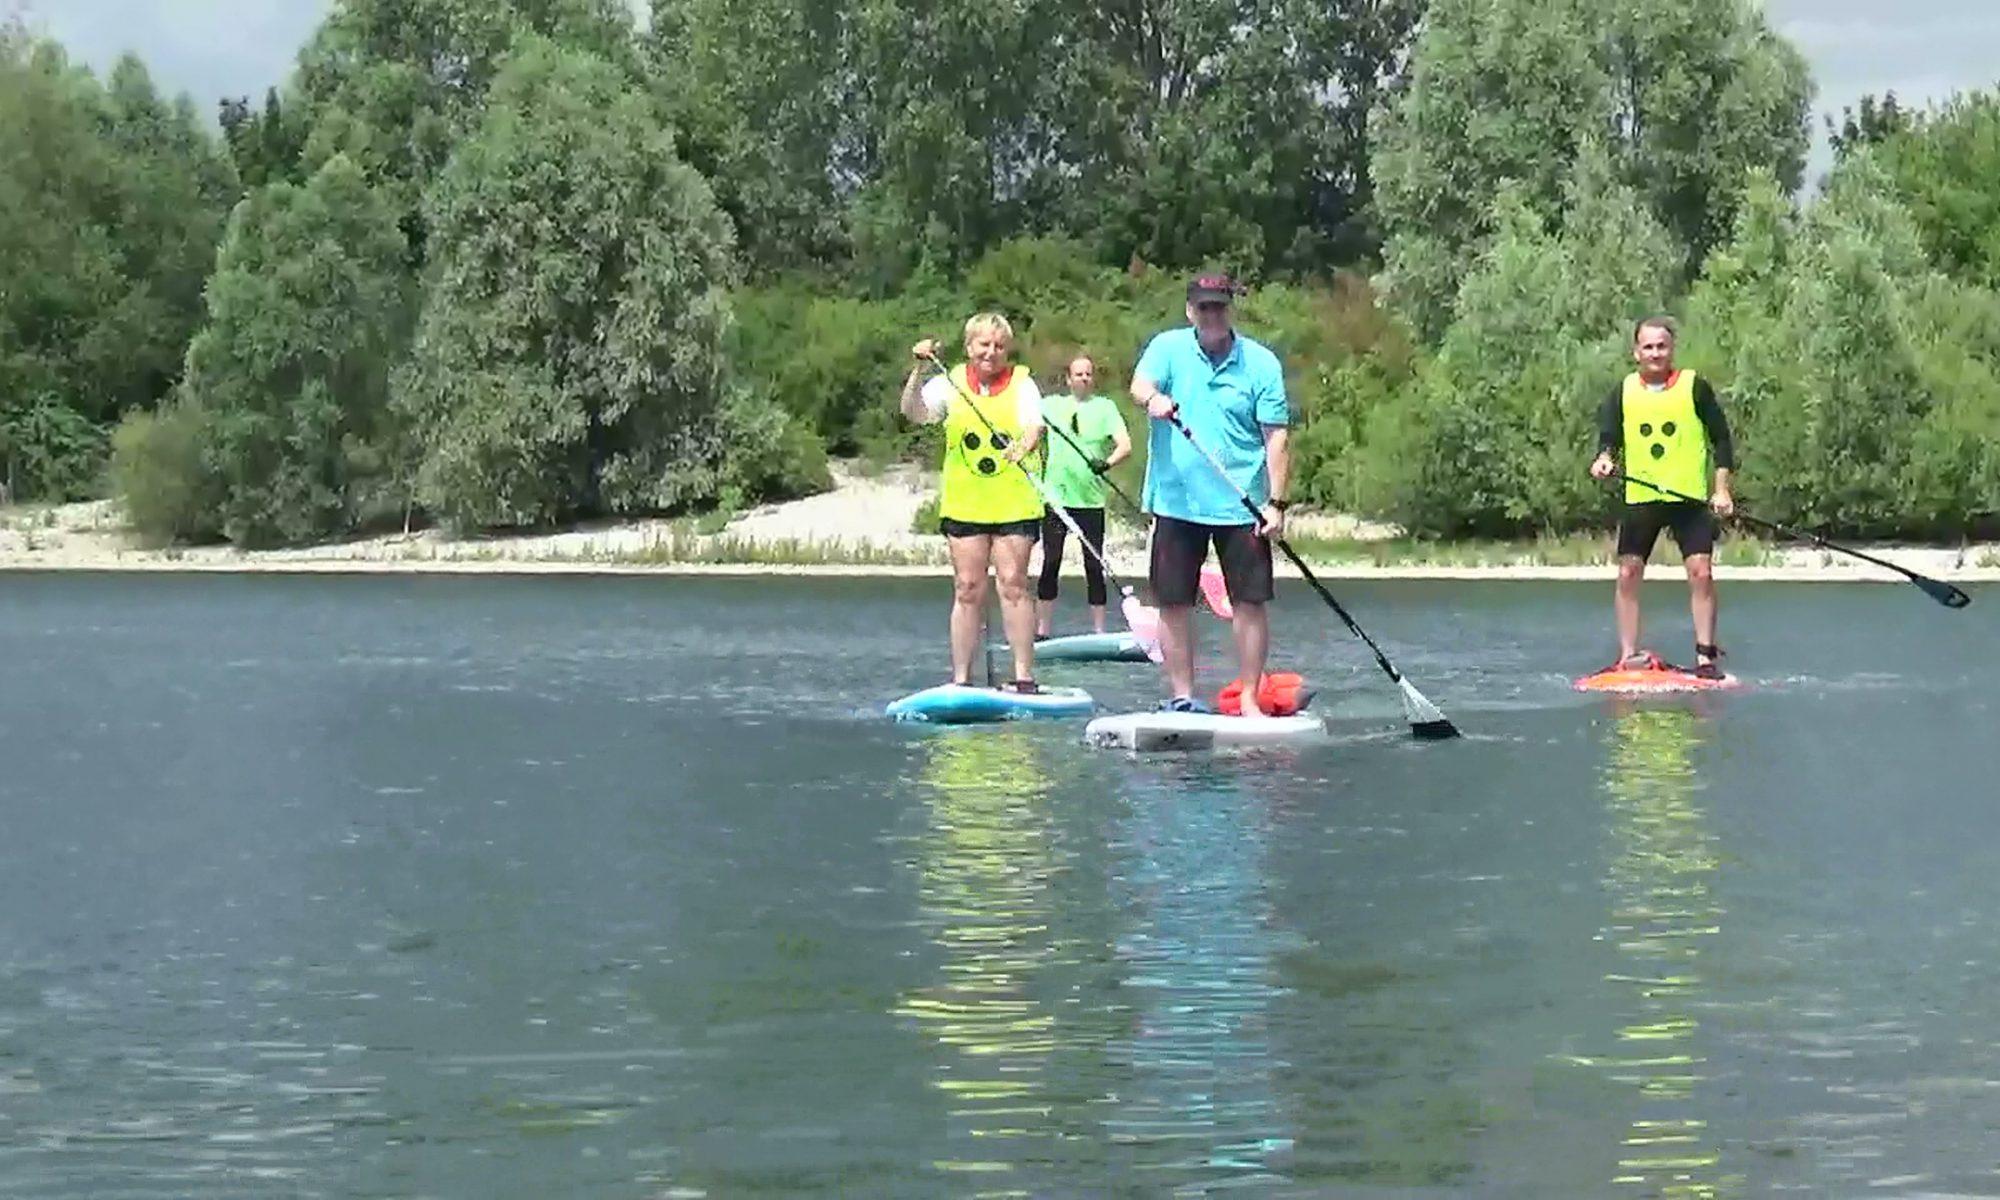 Brigitte Otto-Lange, Dirk Trautmann und Christian Knaup paddeln auf Stand-Up-Boards mit unserem Begleiter Günter Koslowski von Beachline-Xanten auf der Xantener Südsee.